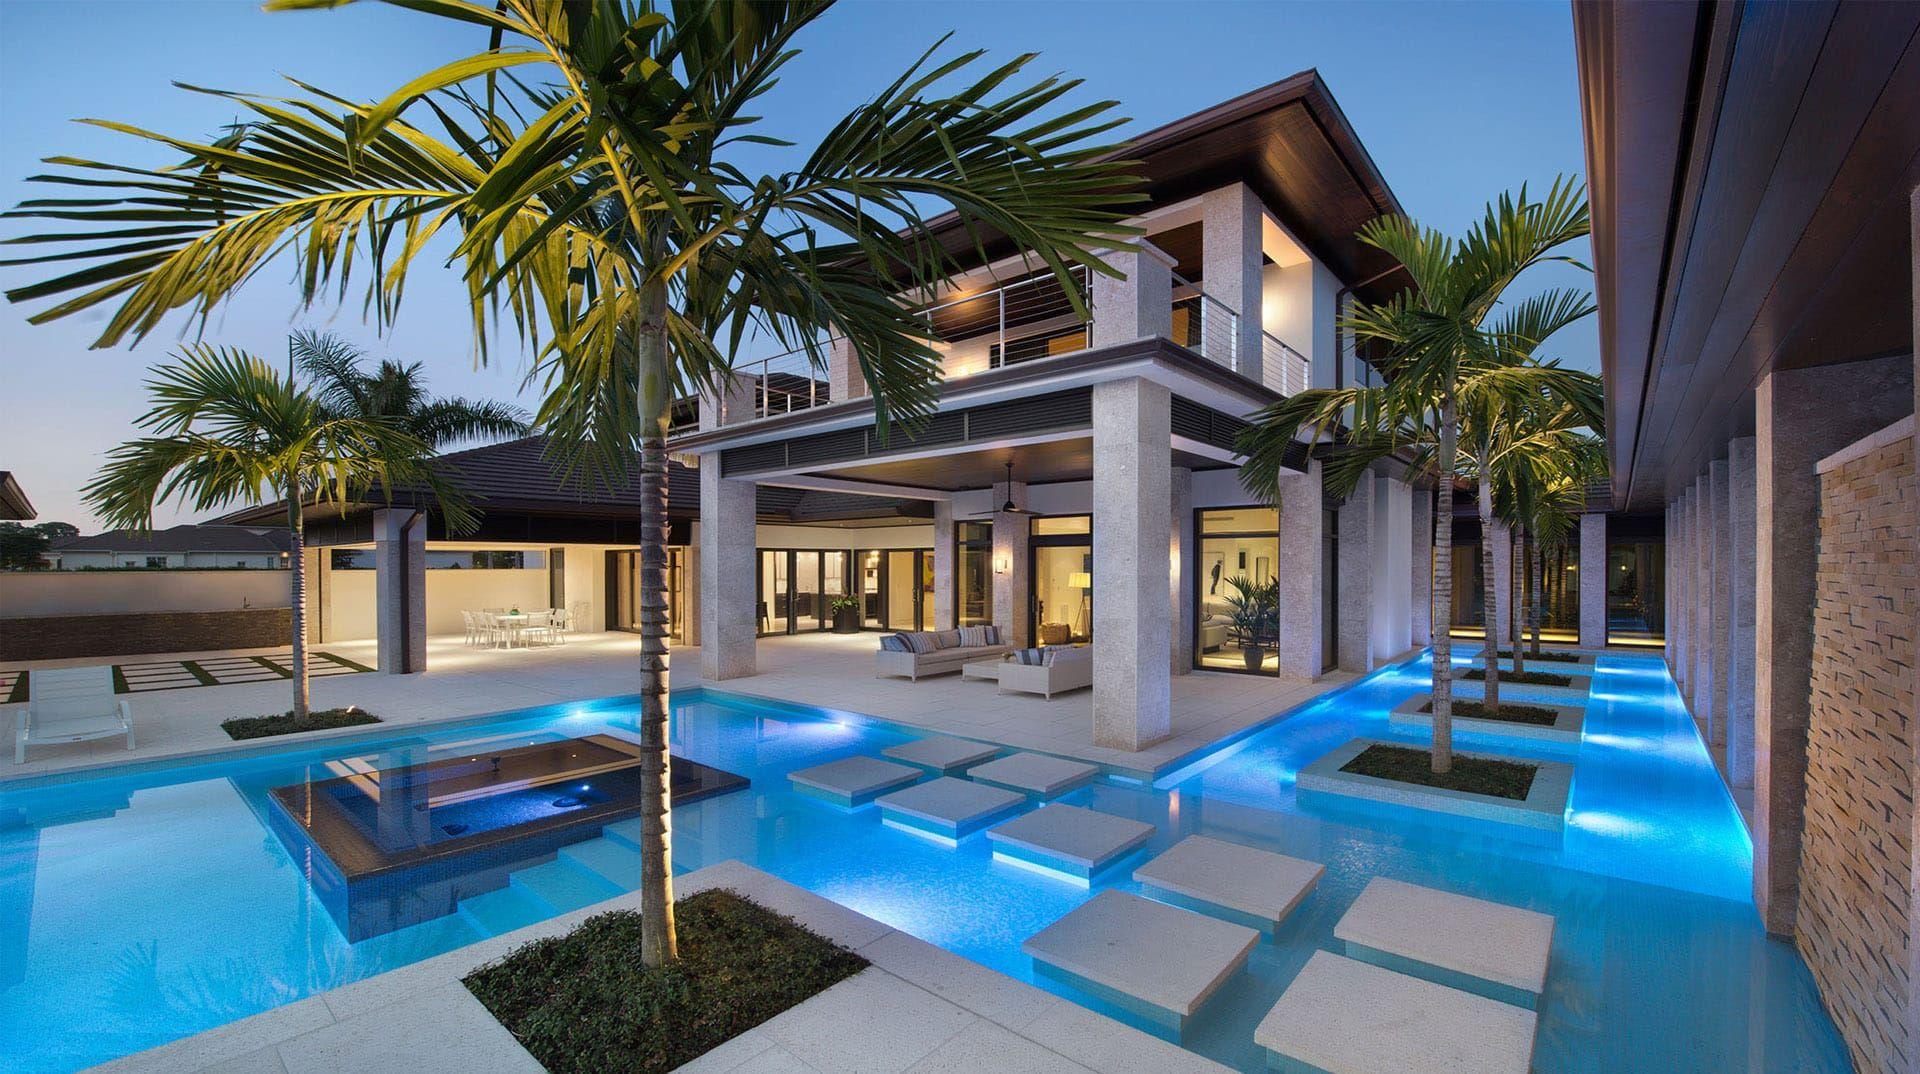 Tampa Bay Jumbo Mortgage Programs, Tampa Jumbo Mortgage, Tampa Jumbo Mortgage, Tampa Bay Jumbo, Jumbo Mortgage